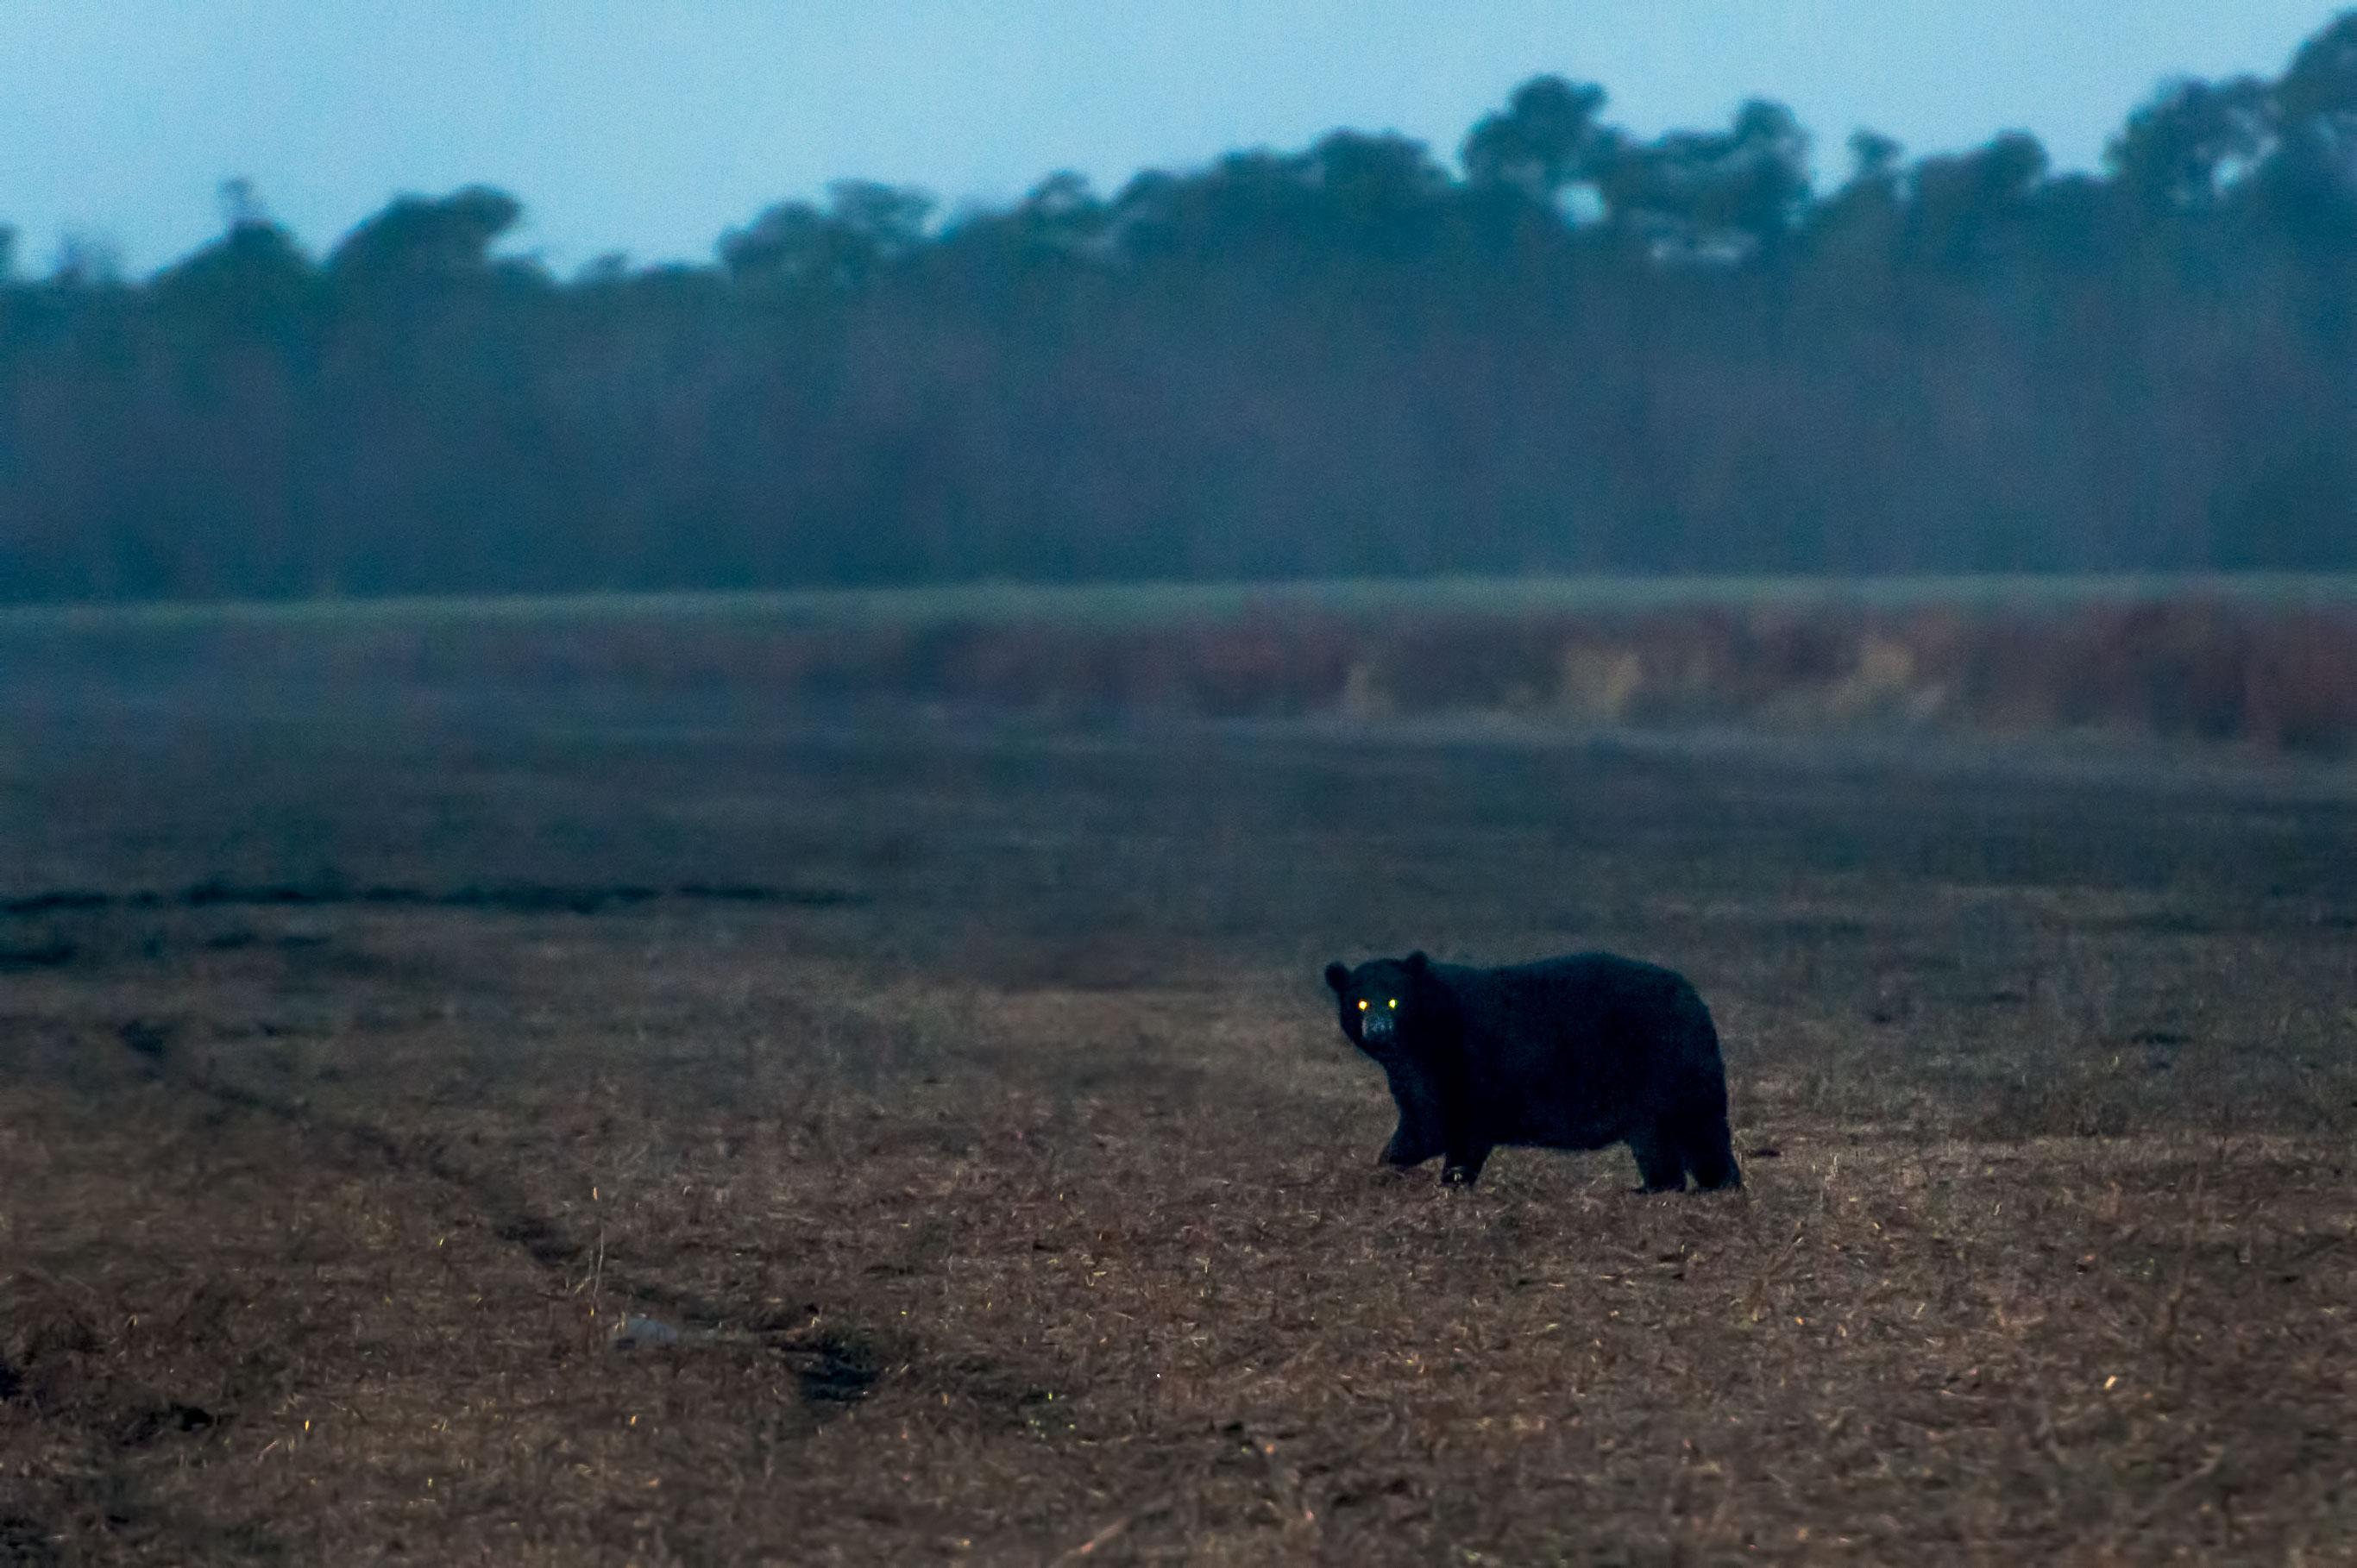 Bear eyes at night - photo#23